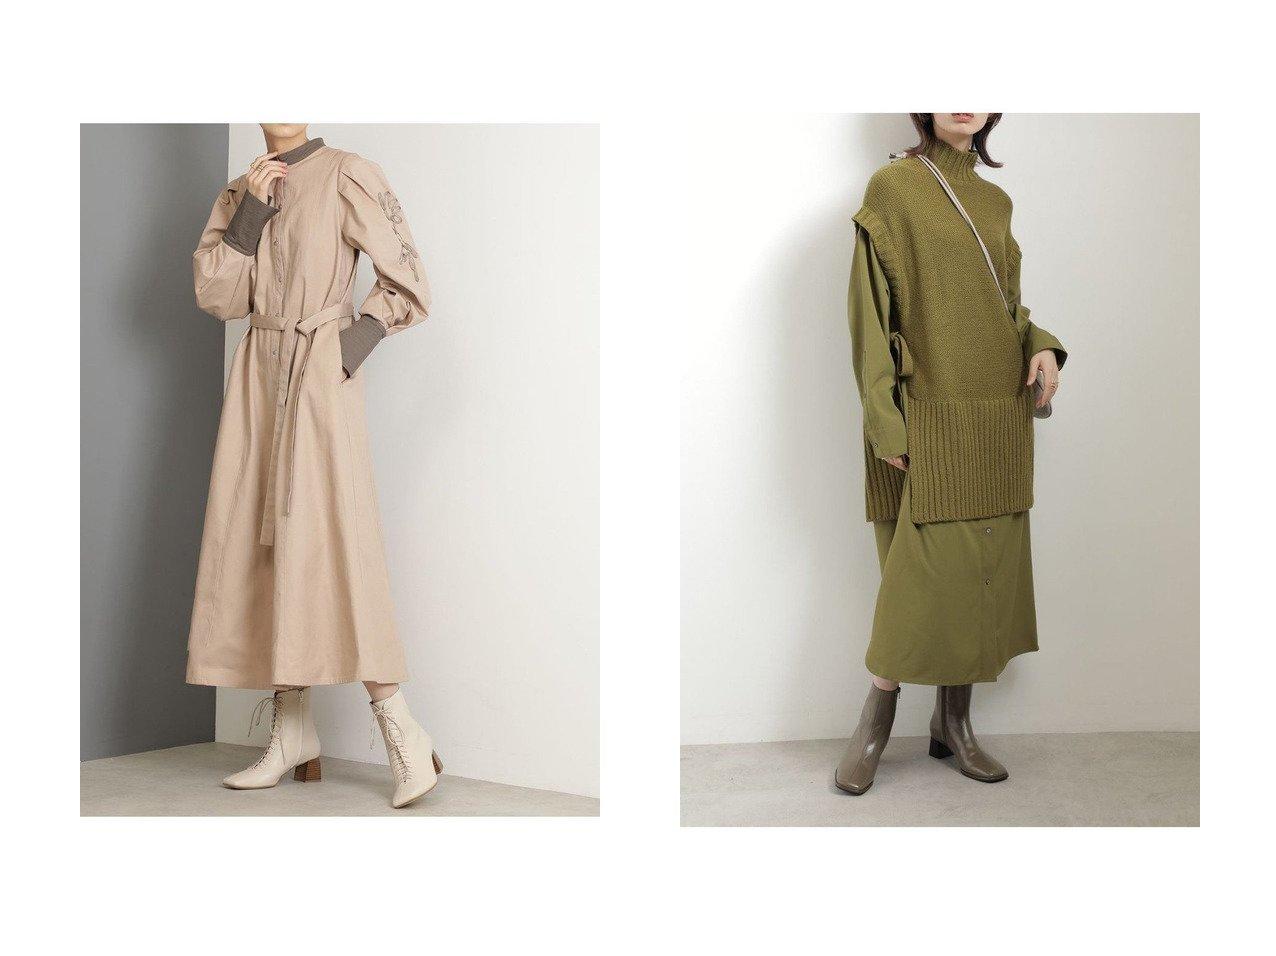 【ROSE BUD/ローズバッド】のコード刺繍ワンピース&ニットドッキングワンピース 【ワンピース・ドレス】おすすめ!人気、トレンド・レディースファッションの通販 おすすめで人気の流行・トレンド、ファッションの通販商品 インテリア・家具・メンズファッション・キッズファッション・レディースファッション・服の通販 founy(ファニー) https://founy.com/ ファッション Fashion レディースファッション WOMEN ワンピース Dress チュニック Tunic 2020年 2020 2020-2021秋冬・A/W AW・Autumn/Winter・FW・Fall-Winter/2020-2021 2021年 2021 2021-2022秋冬・A/W AW・Autumn/Winter・FW・Fall-Winter・2021-2022 A/W・秋冬 AW・Autumn/Winter・FW・Fall-Winter ストレート チュニック ドッキング ベスト ロング スリーブ 羽織  ID:crp329100000067384